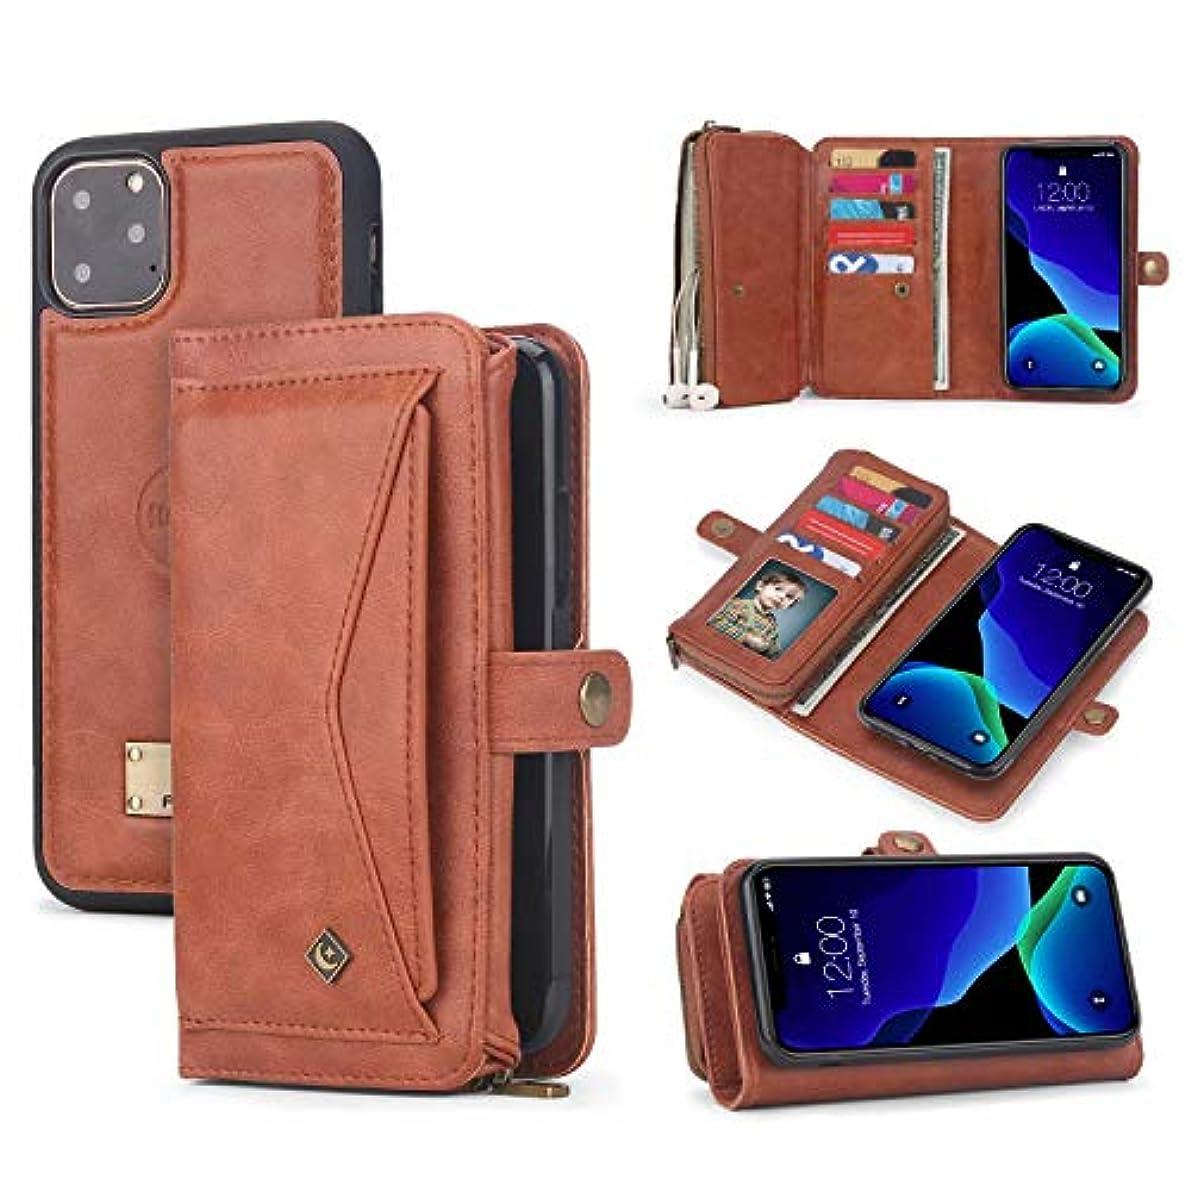 微弱しっかりところでポータブルジッパーウォレット、iPhoneハンドバッグウォレット電話ケース、14枚のカードパック、キャッシュスロット、カーマグネット、大容量、ジッパーウォレット、モバイルウォレットケース